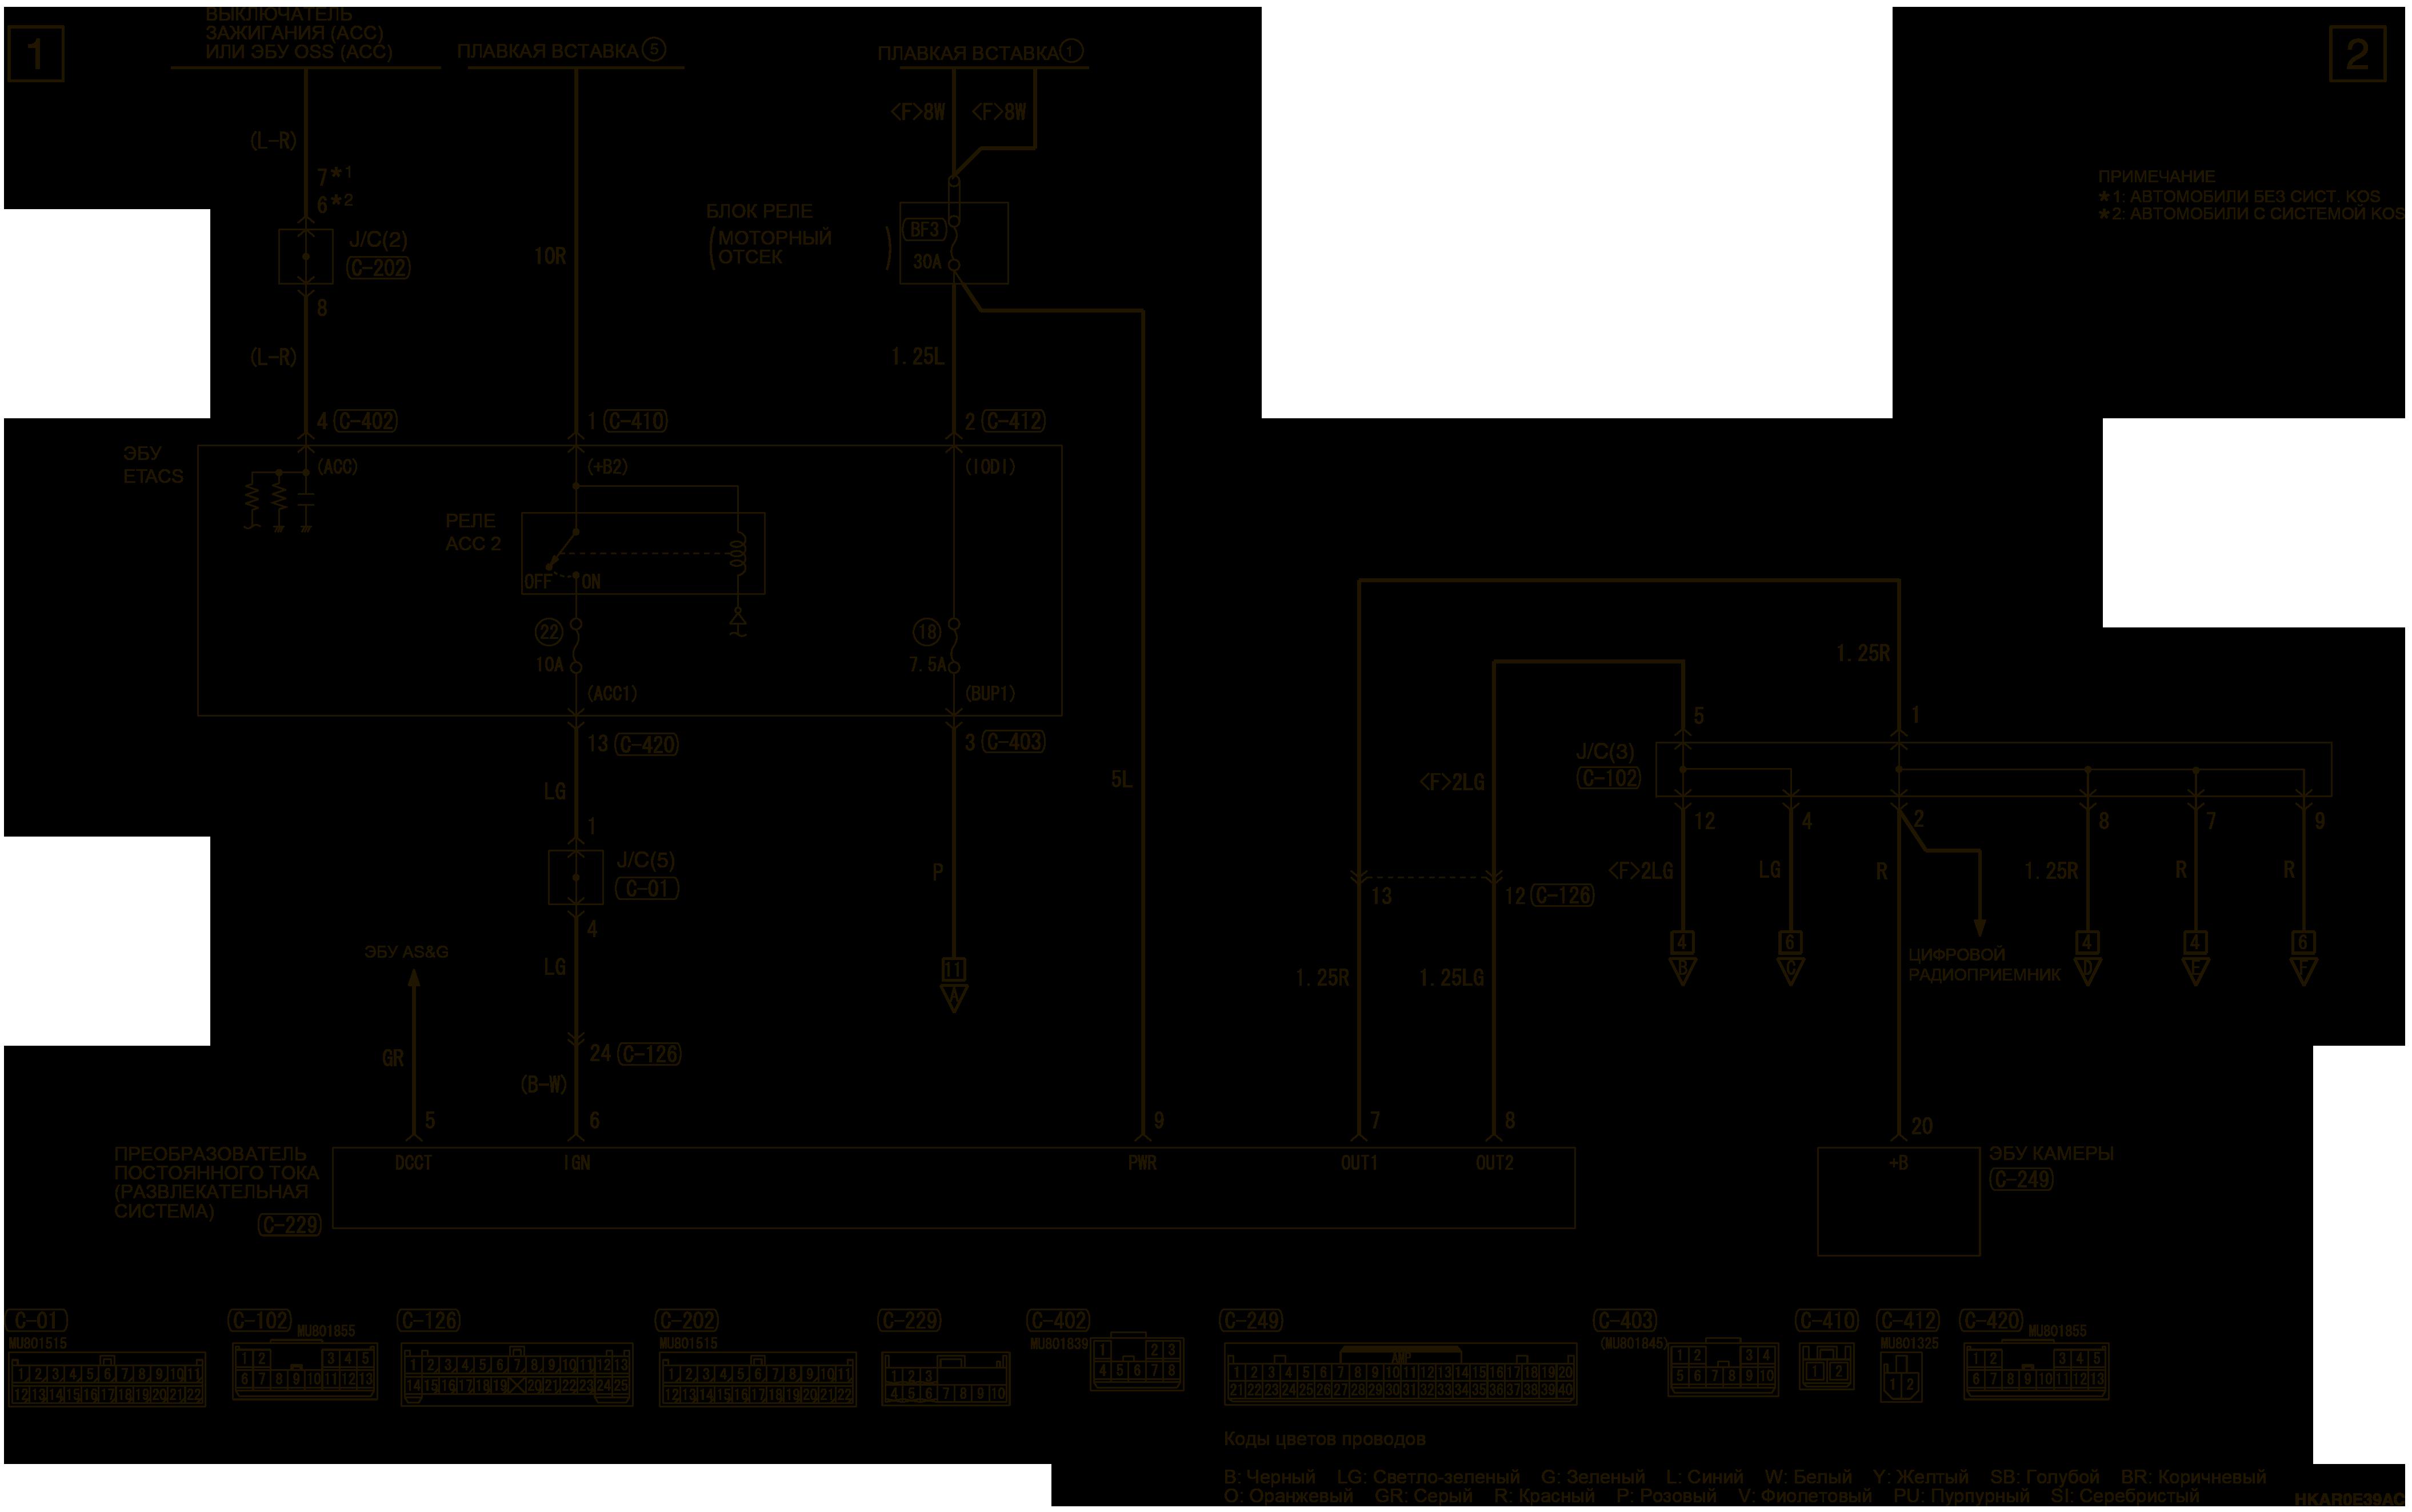 mmc аутлендер 3 2019 электросхемаСИСТЕМА КРУГОВОГО ОБЗОРА ПРАВОСТОРОННЕЕ УПРАВЛЕНИЕ